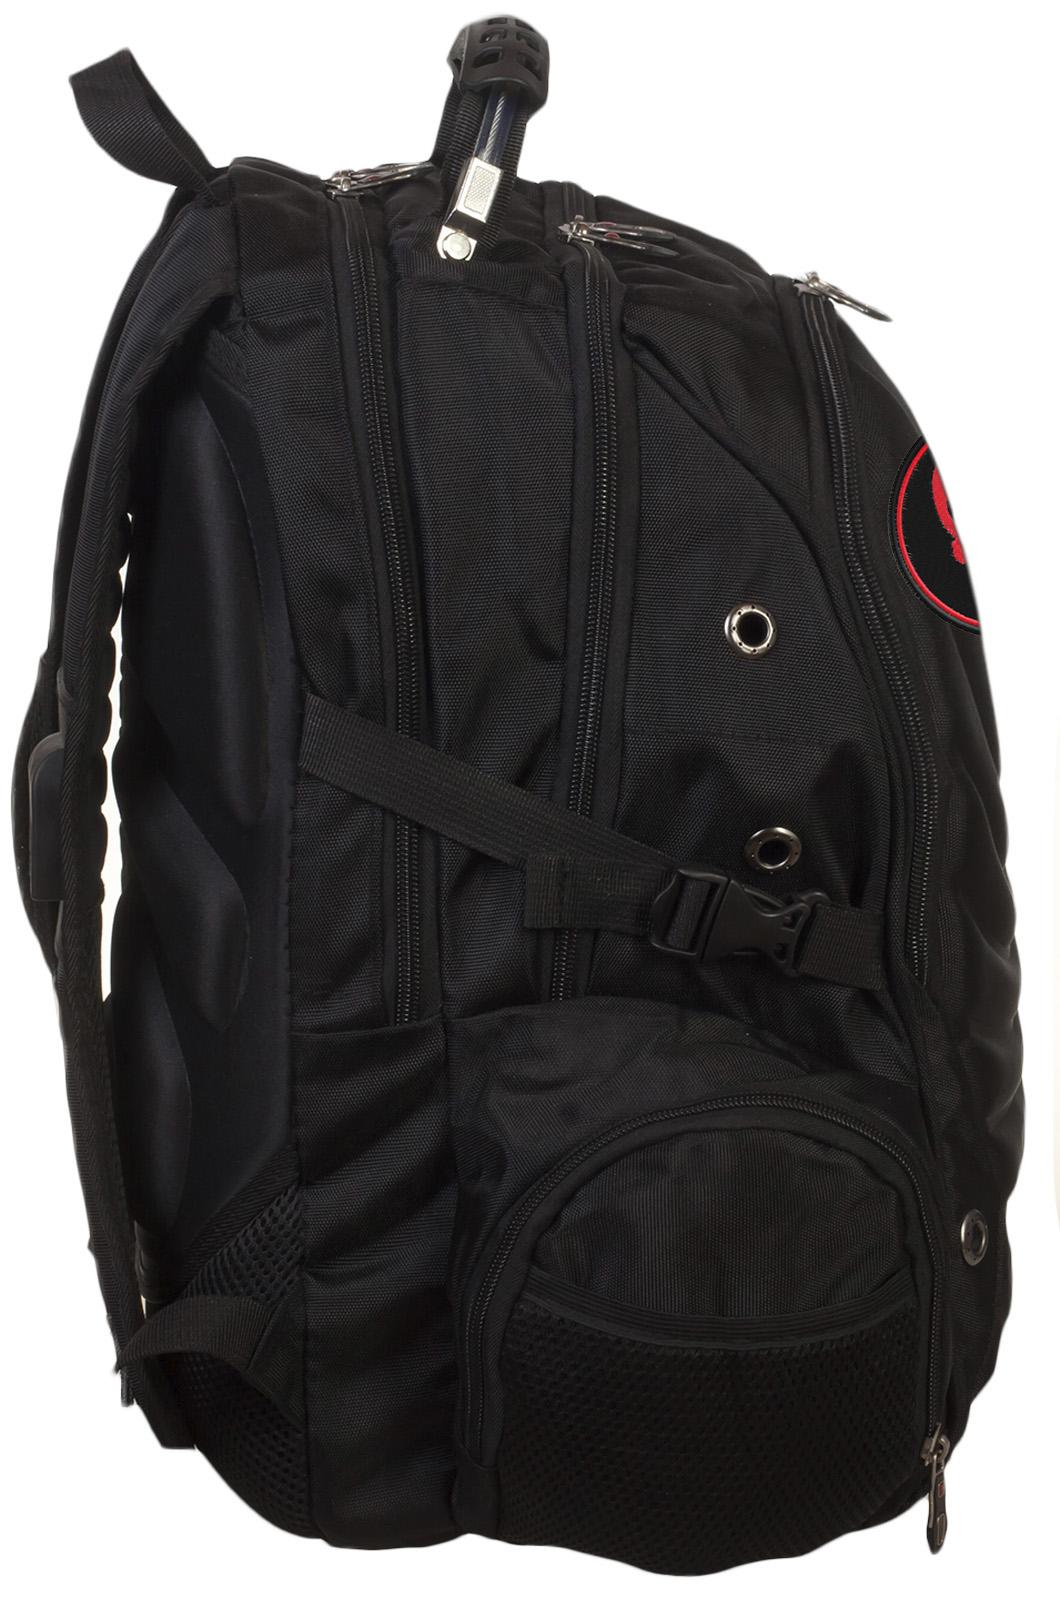 Вместительный крутой рюкзак с нашивкой Каратель - купить онлайн